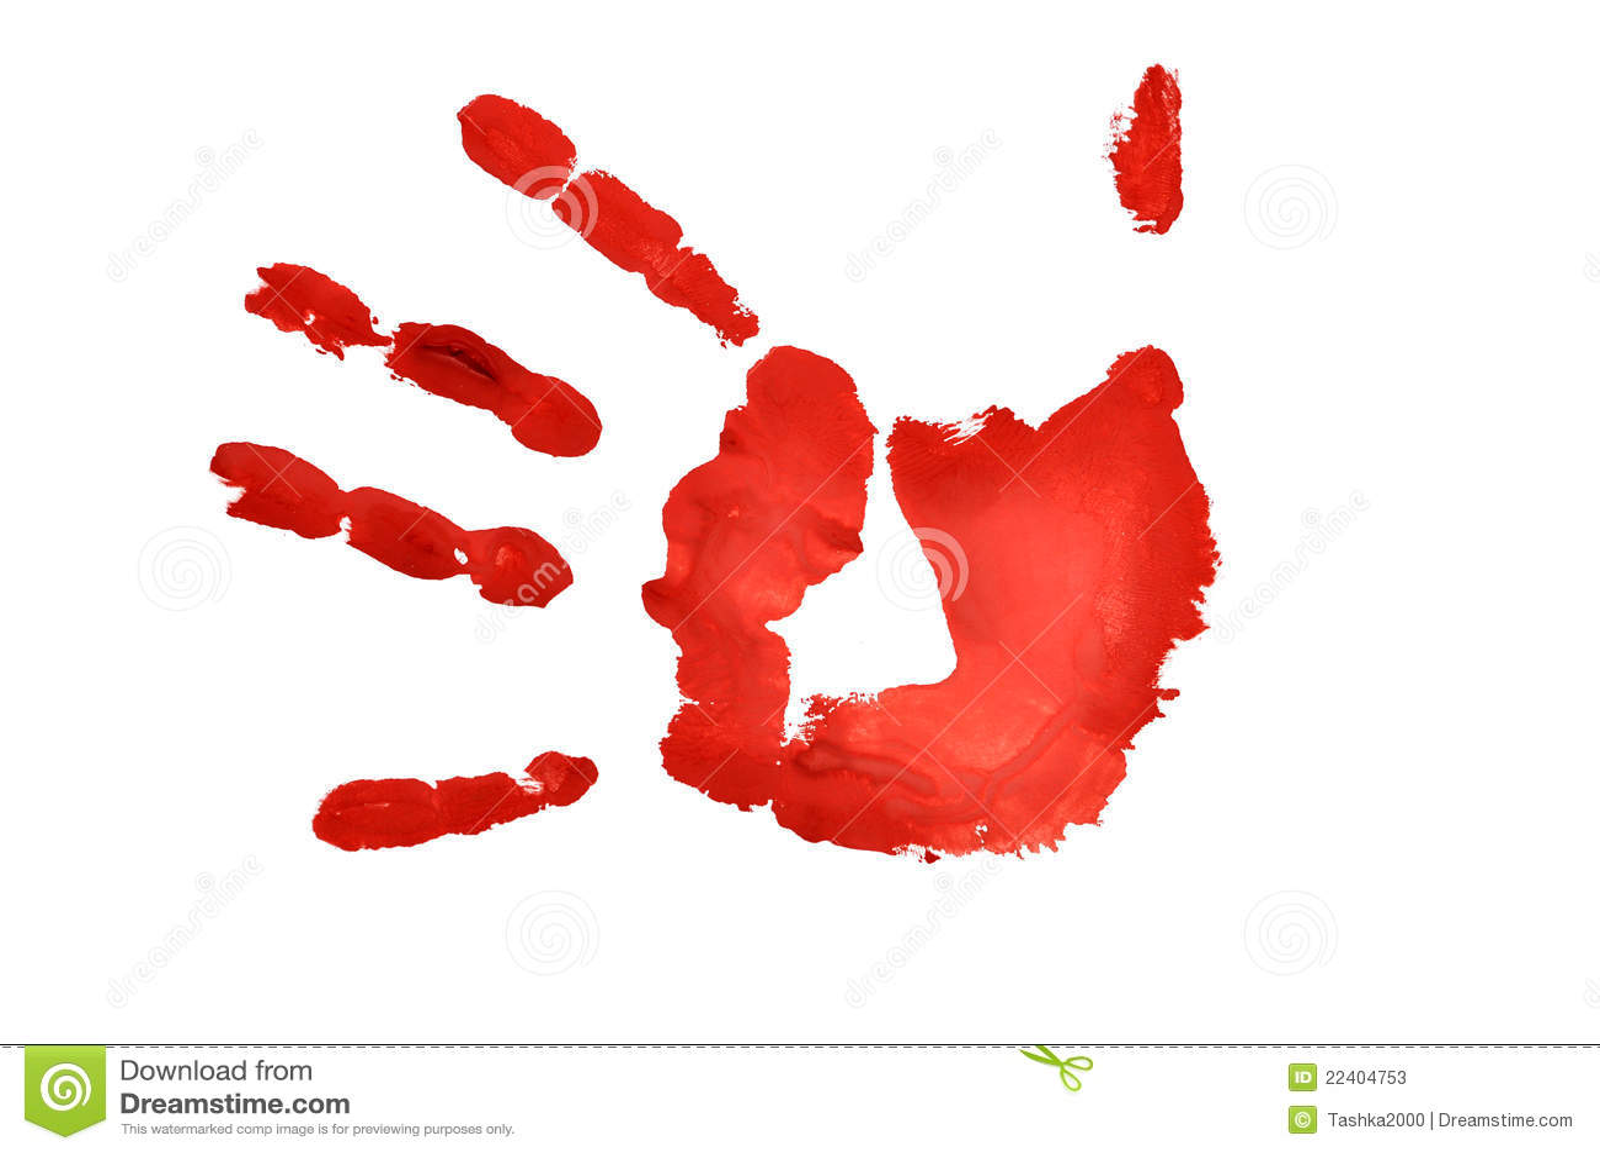 Hand Imprint Stock Photos Image 22404753